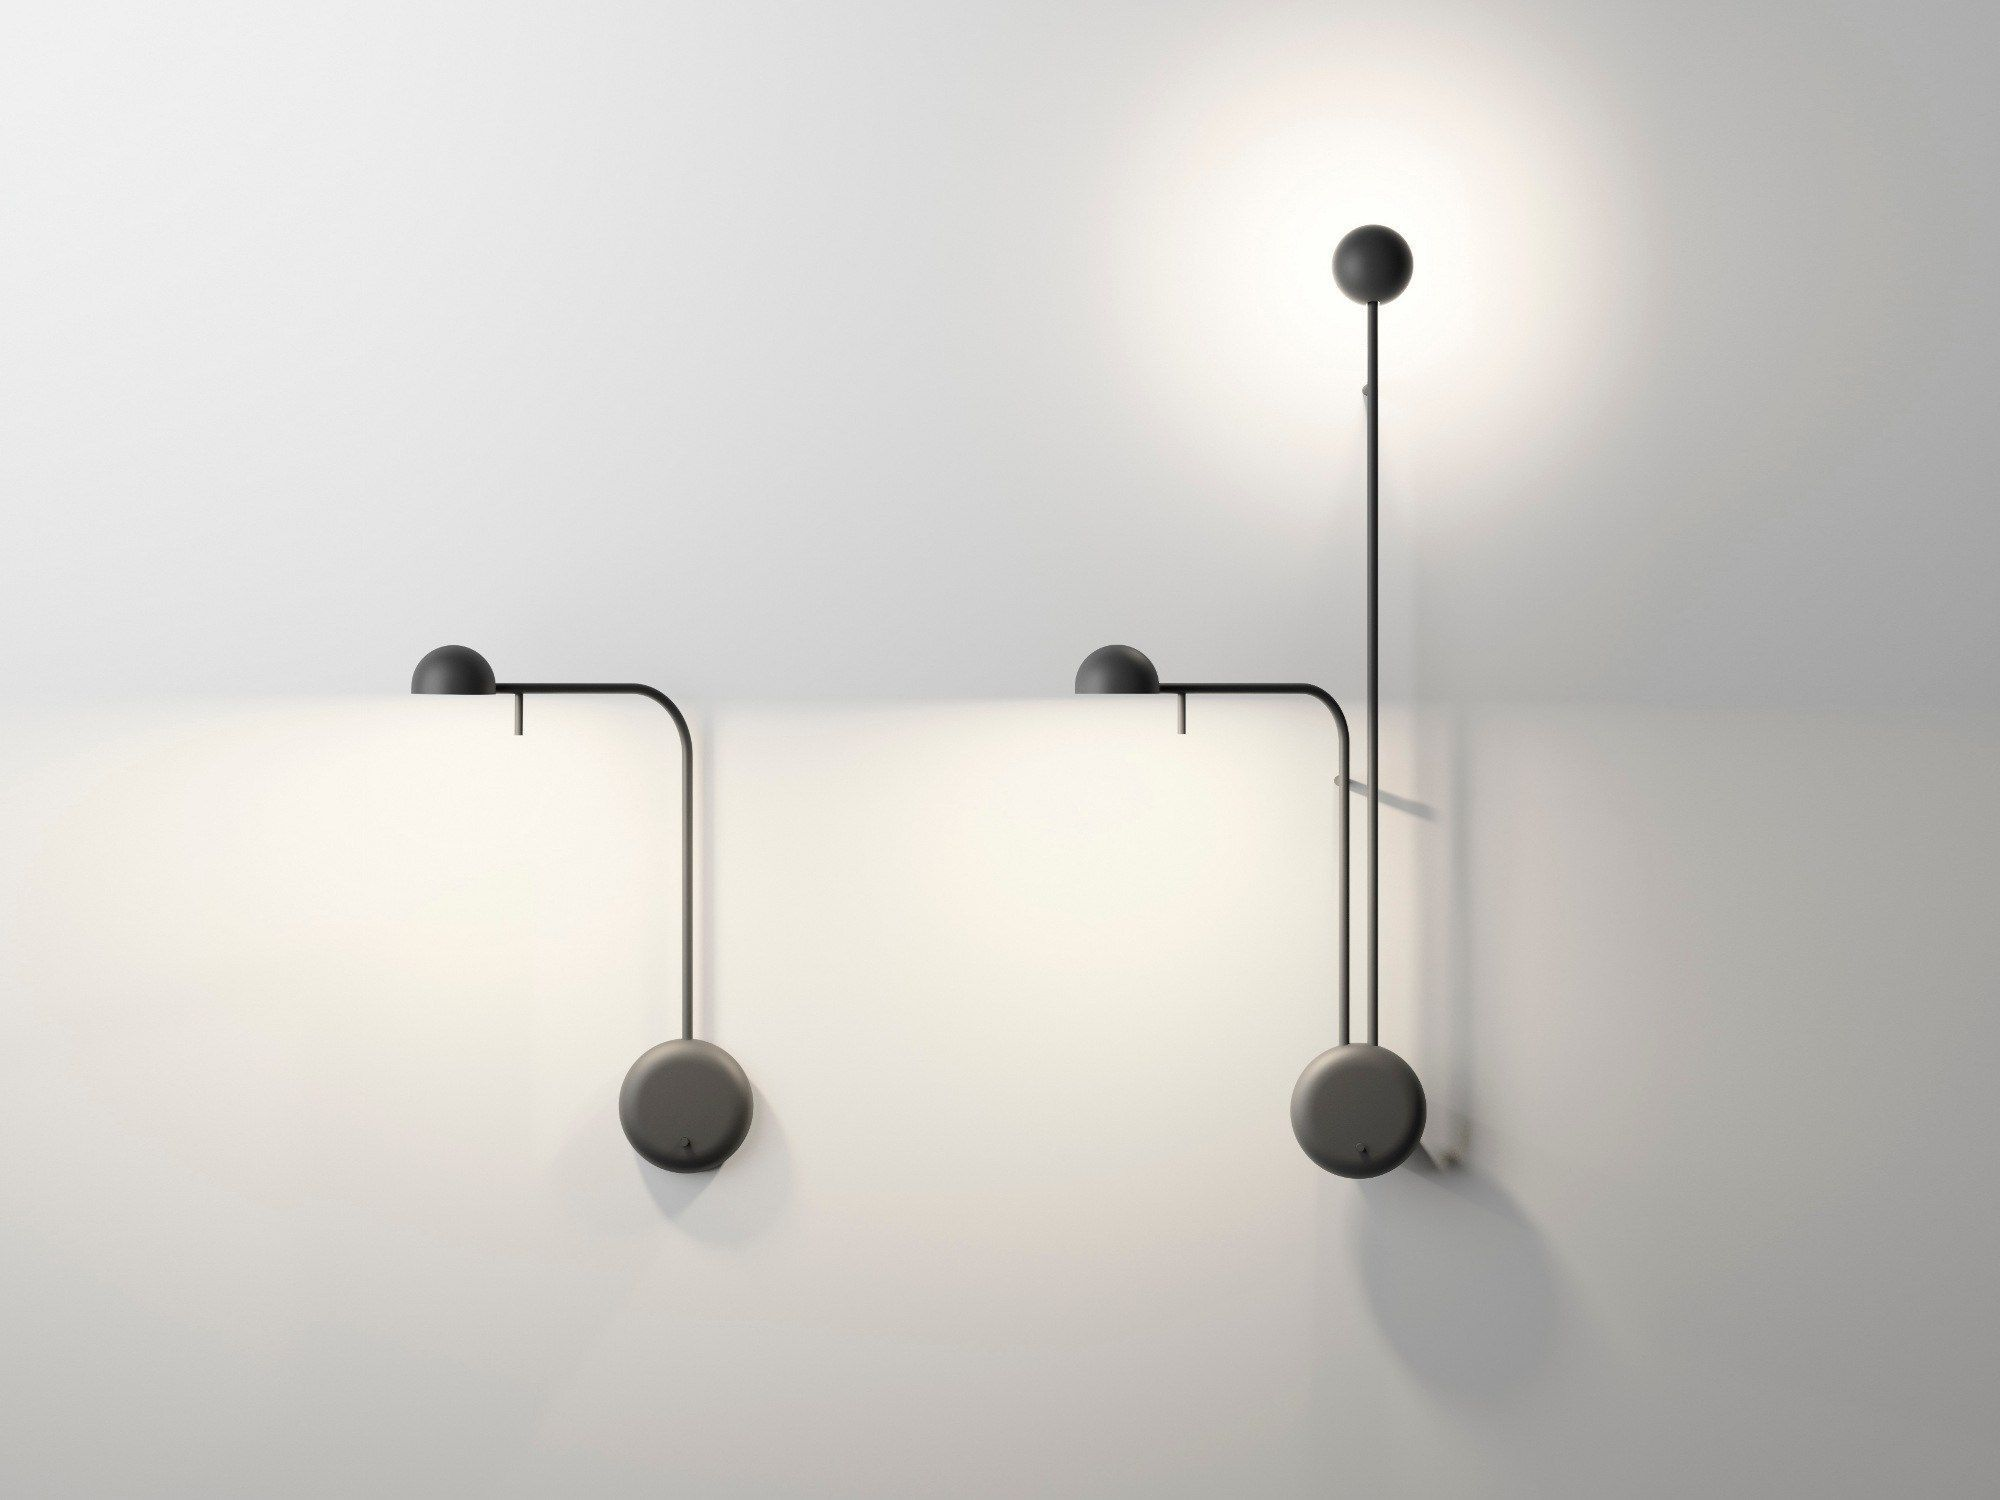 Lampade castiglioni design bello lampada da parete a led